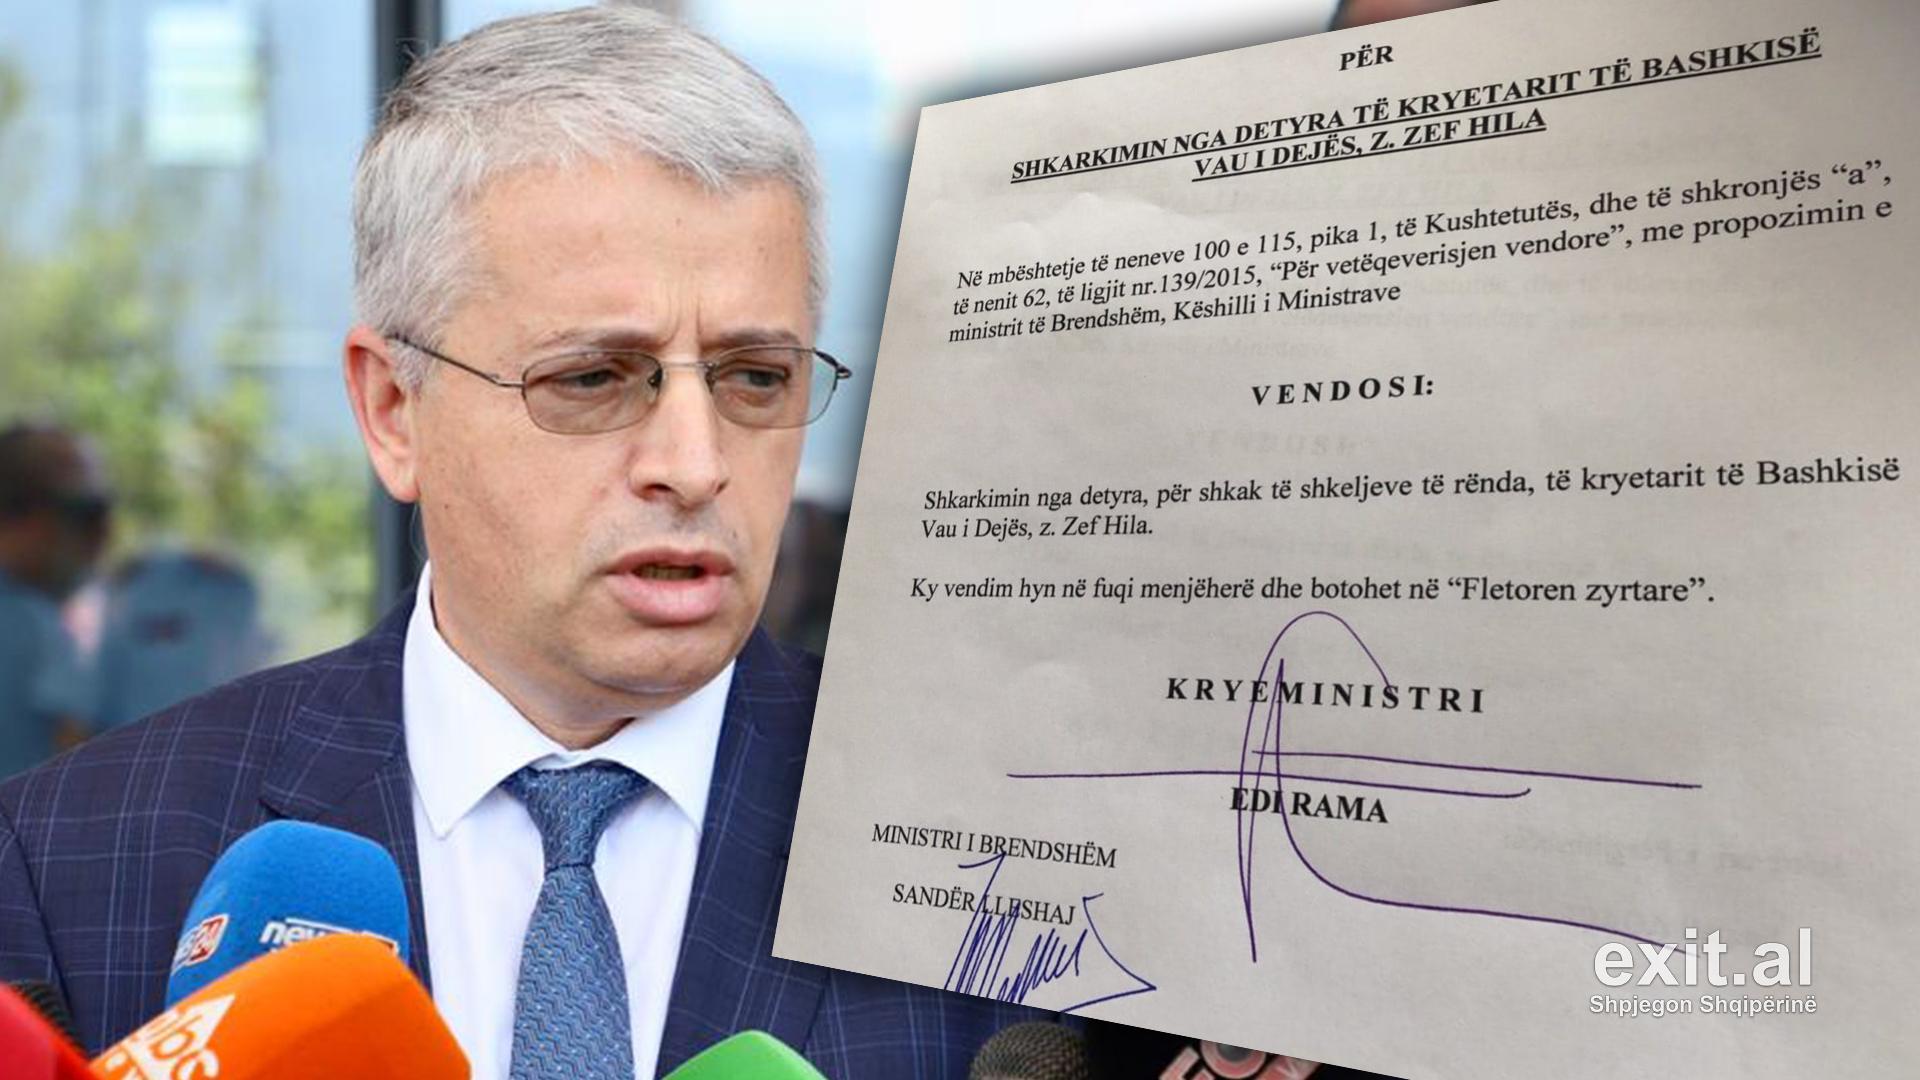 Qeveria shkarkon kryebashkiakun e Vaut të Dejës